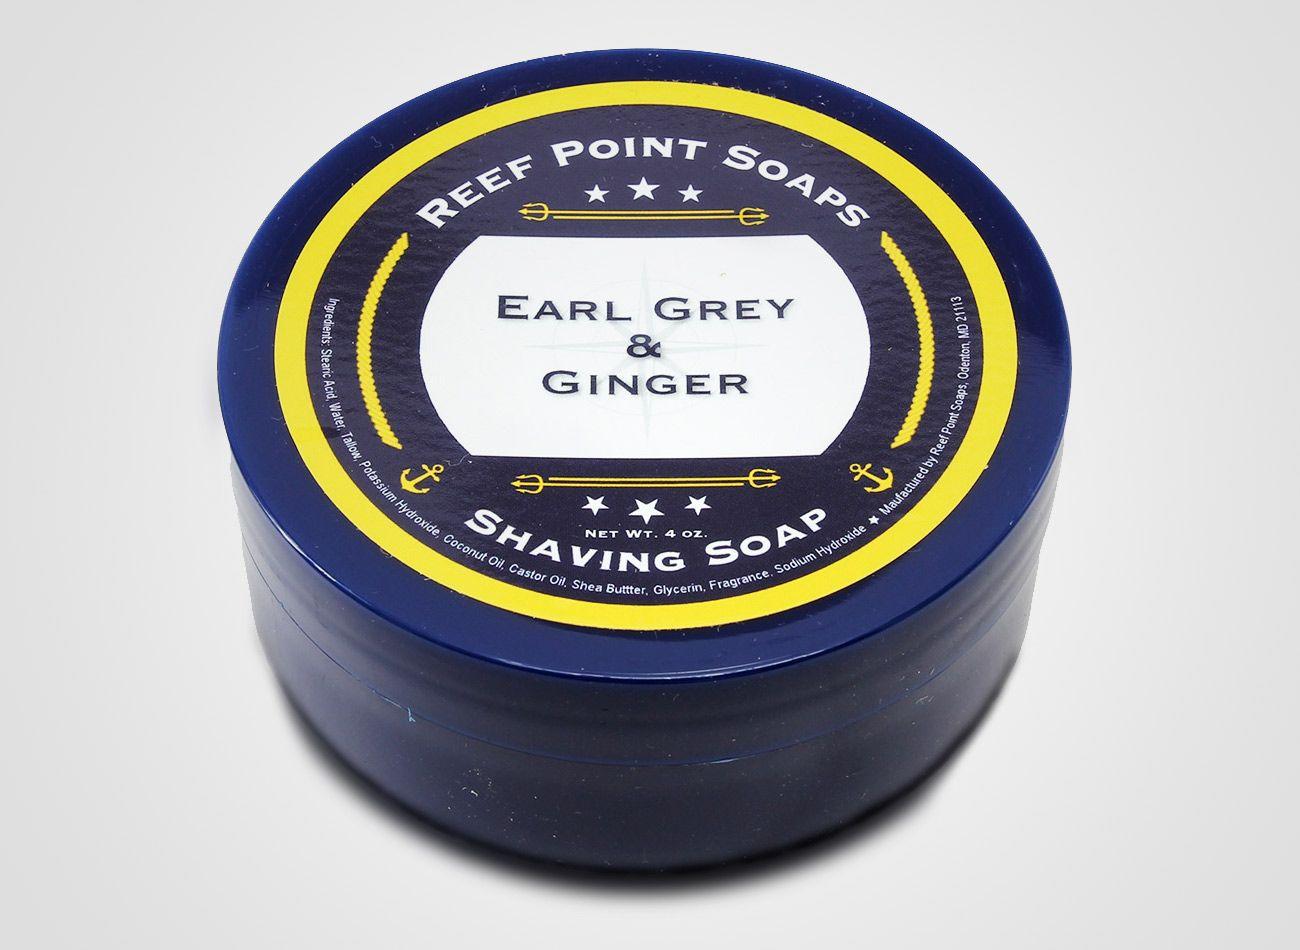 Opakowanie mydła do golenia Reef Point Earl Grey & Ginger Shaving Soap (zdjęcie Reef Point Soaps)